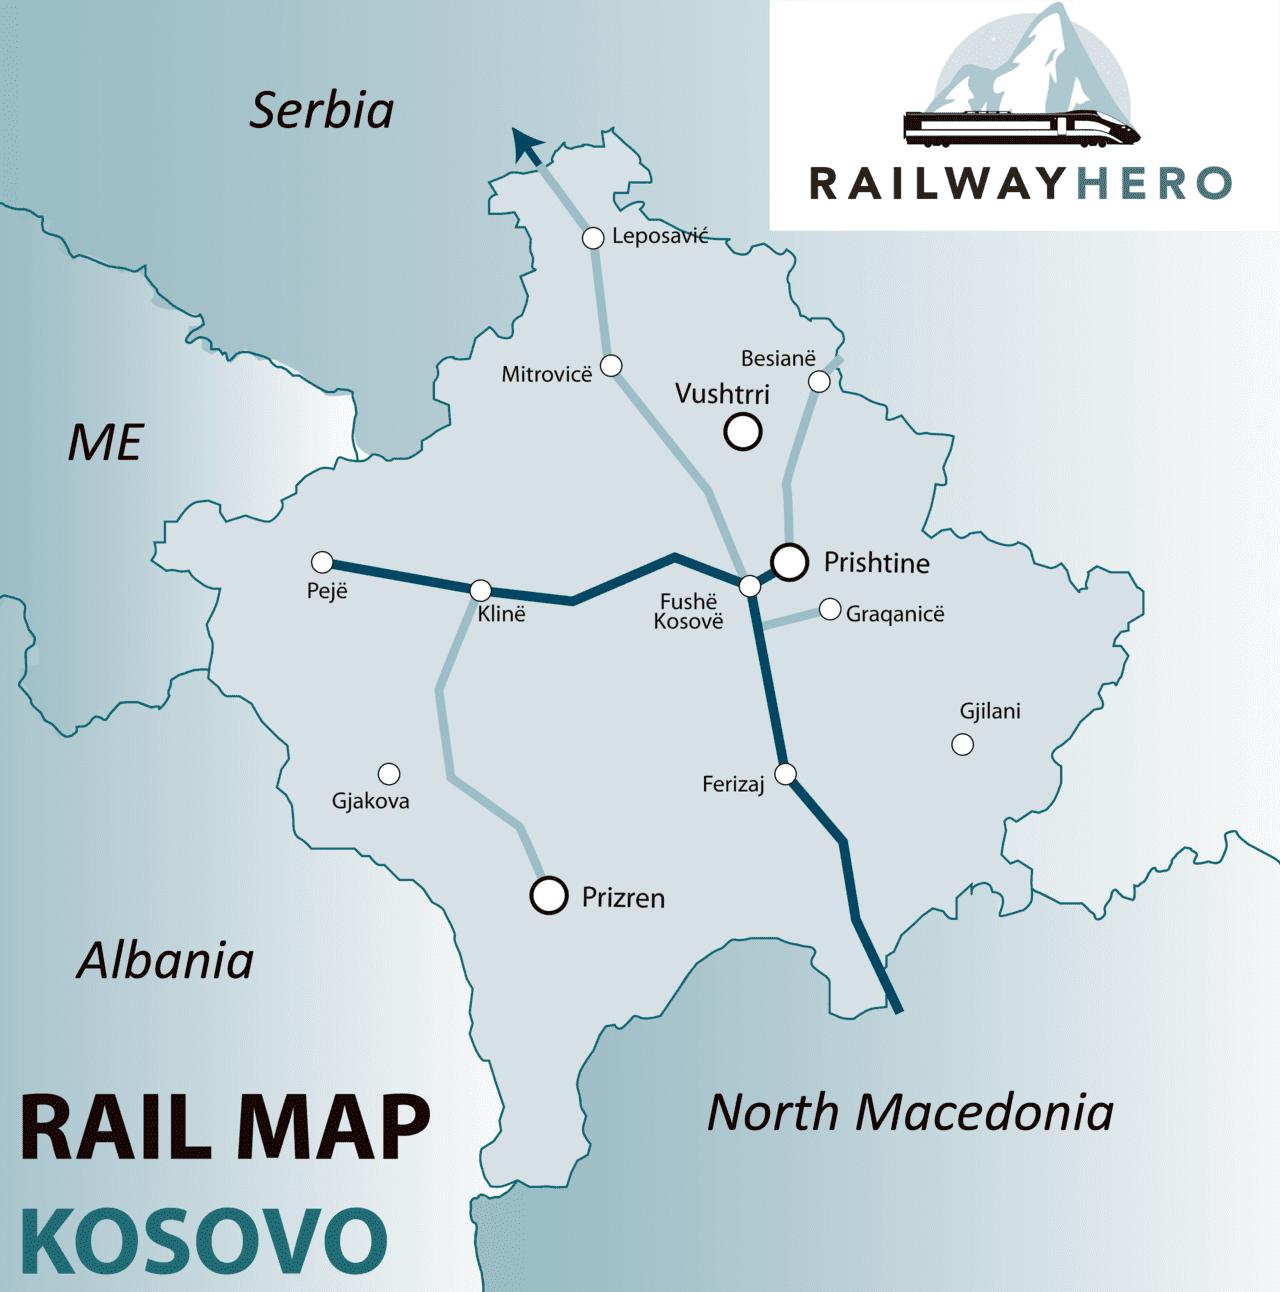 Kosovo rail map